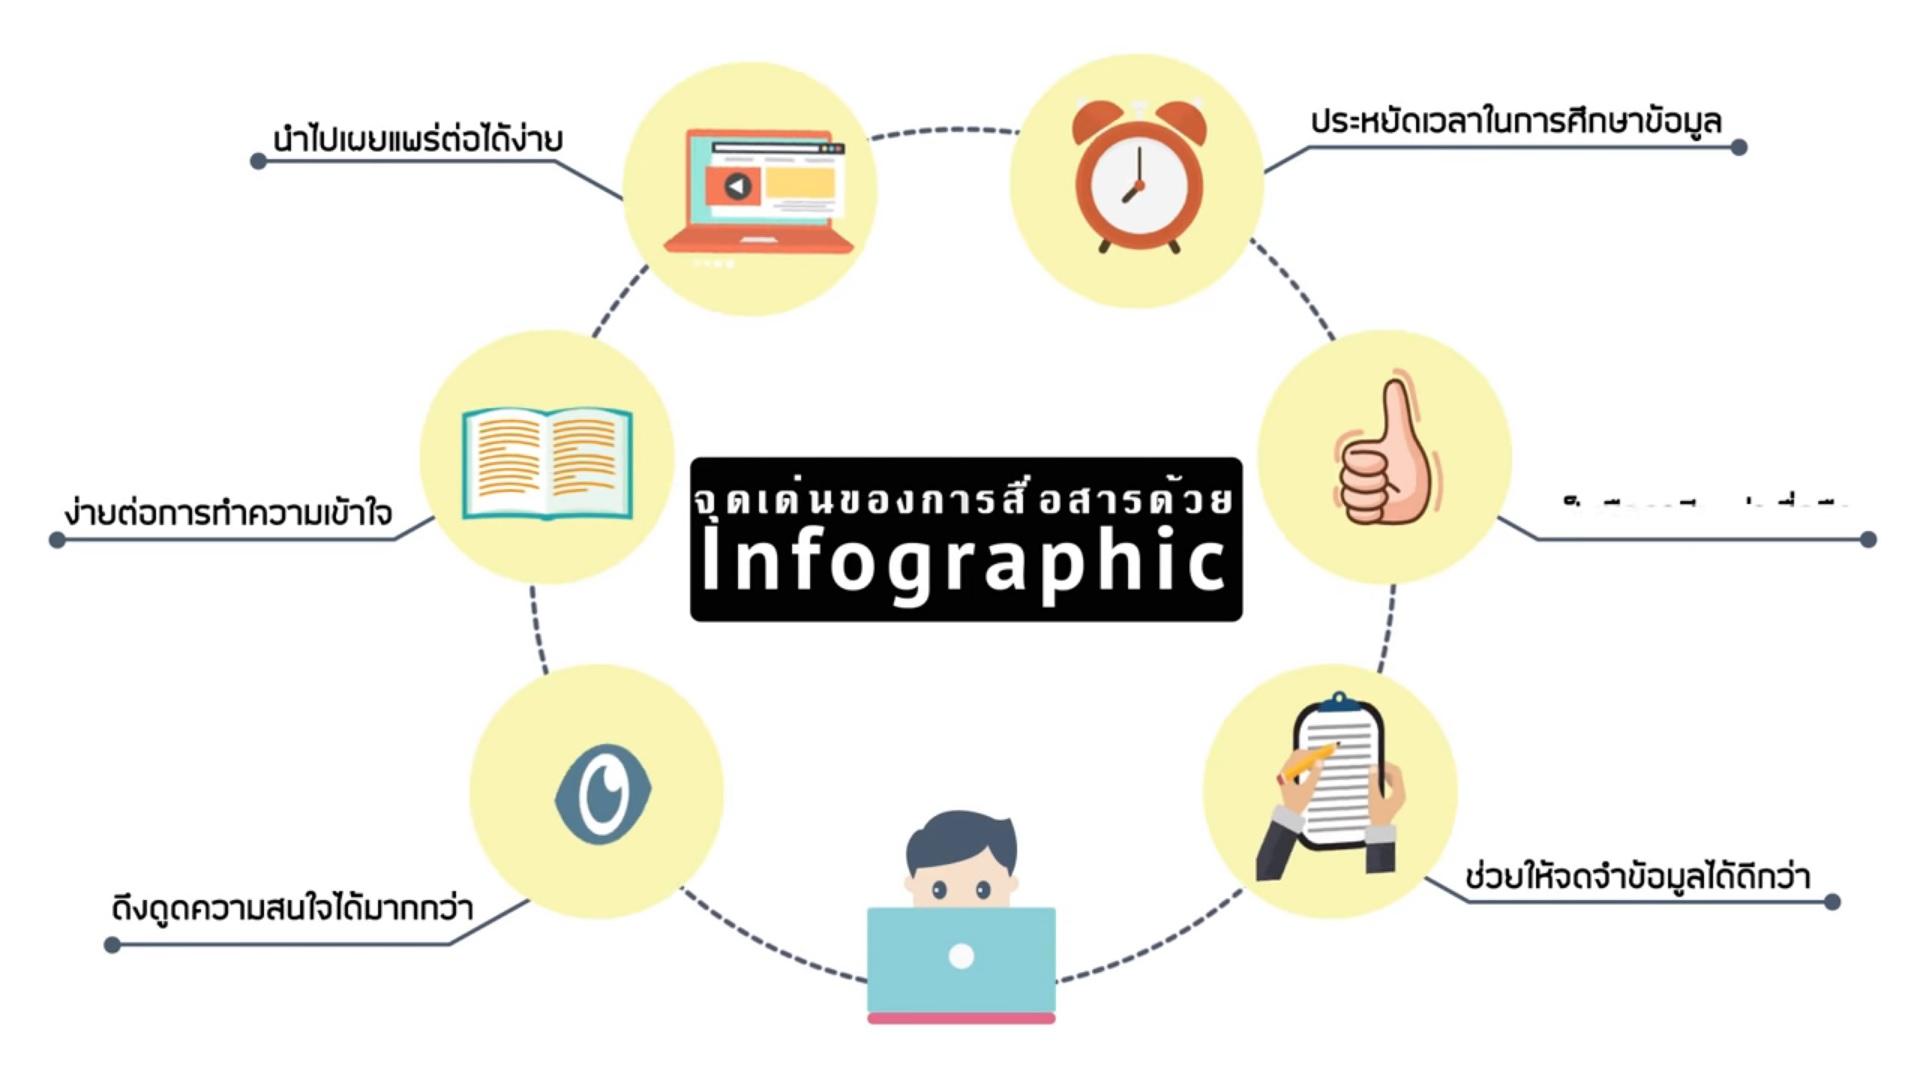 อินโฟกราฟิก (infographic)